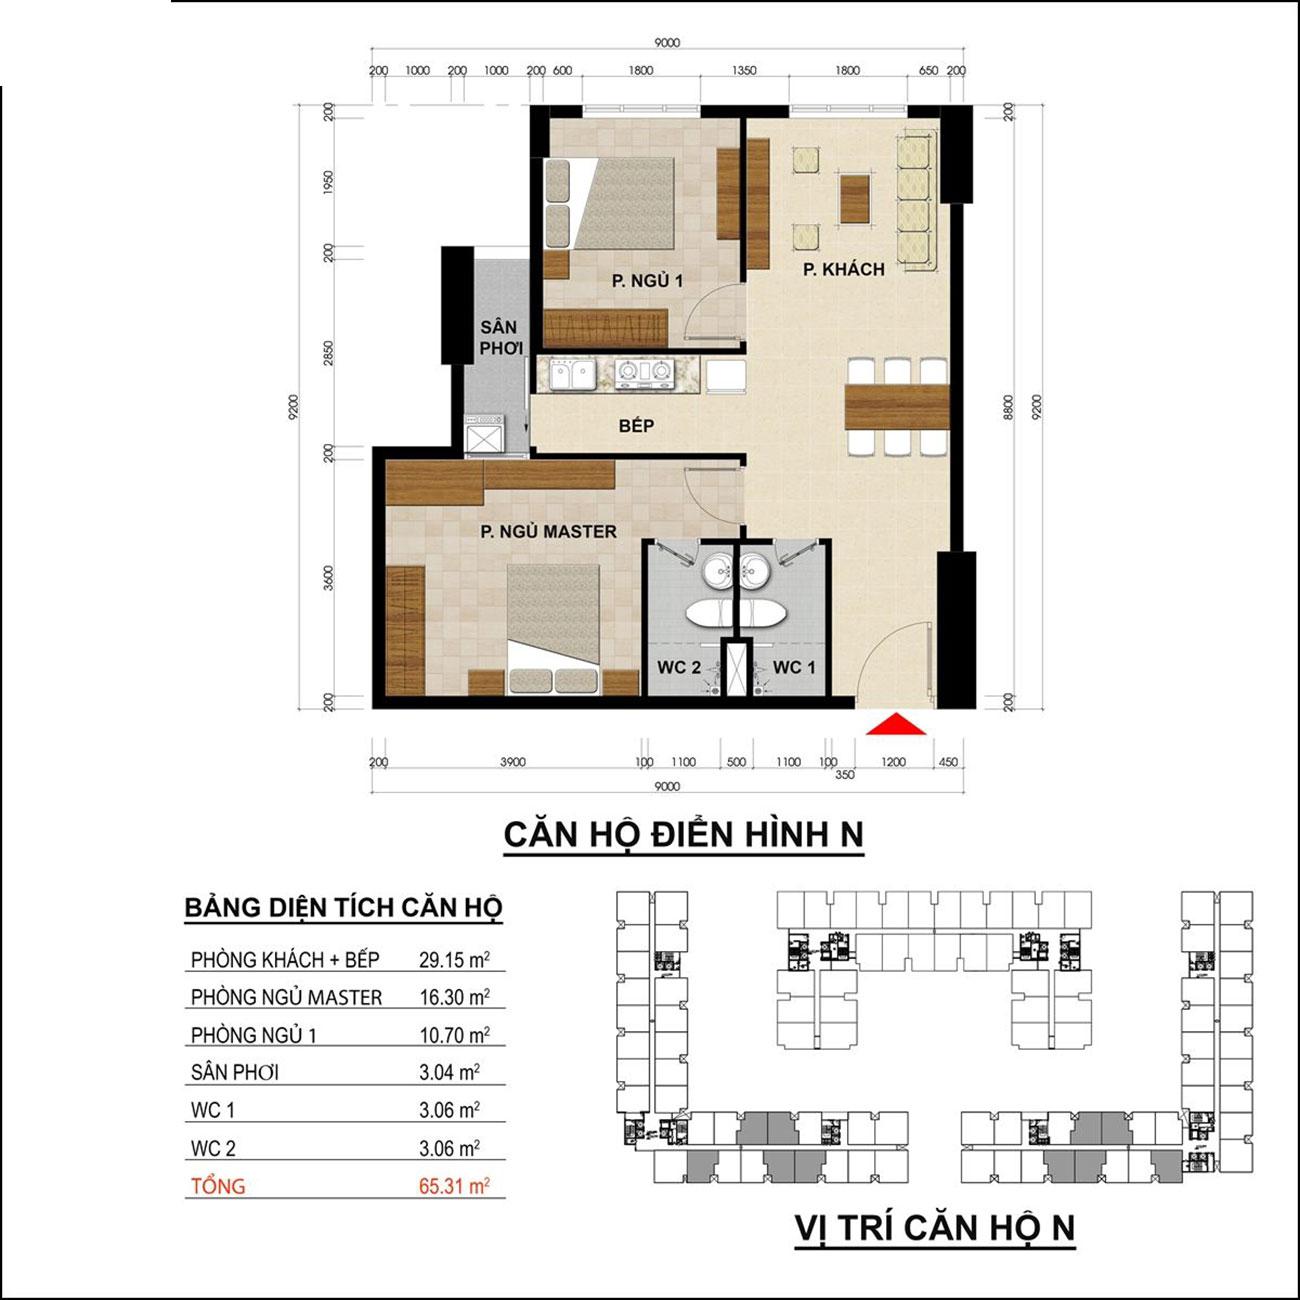 Thiết kế điển hình các căn nhà ở xã hội Tanimex Bình Phú